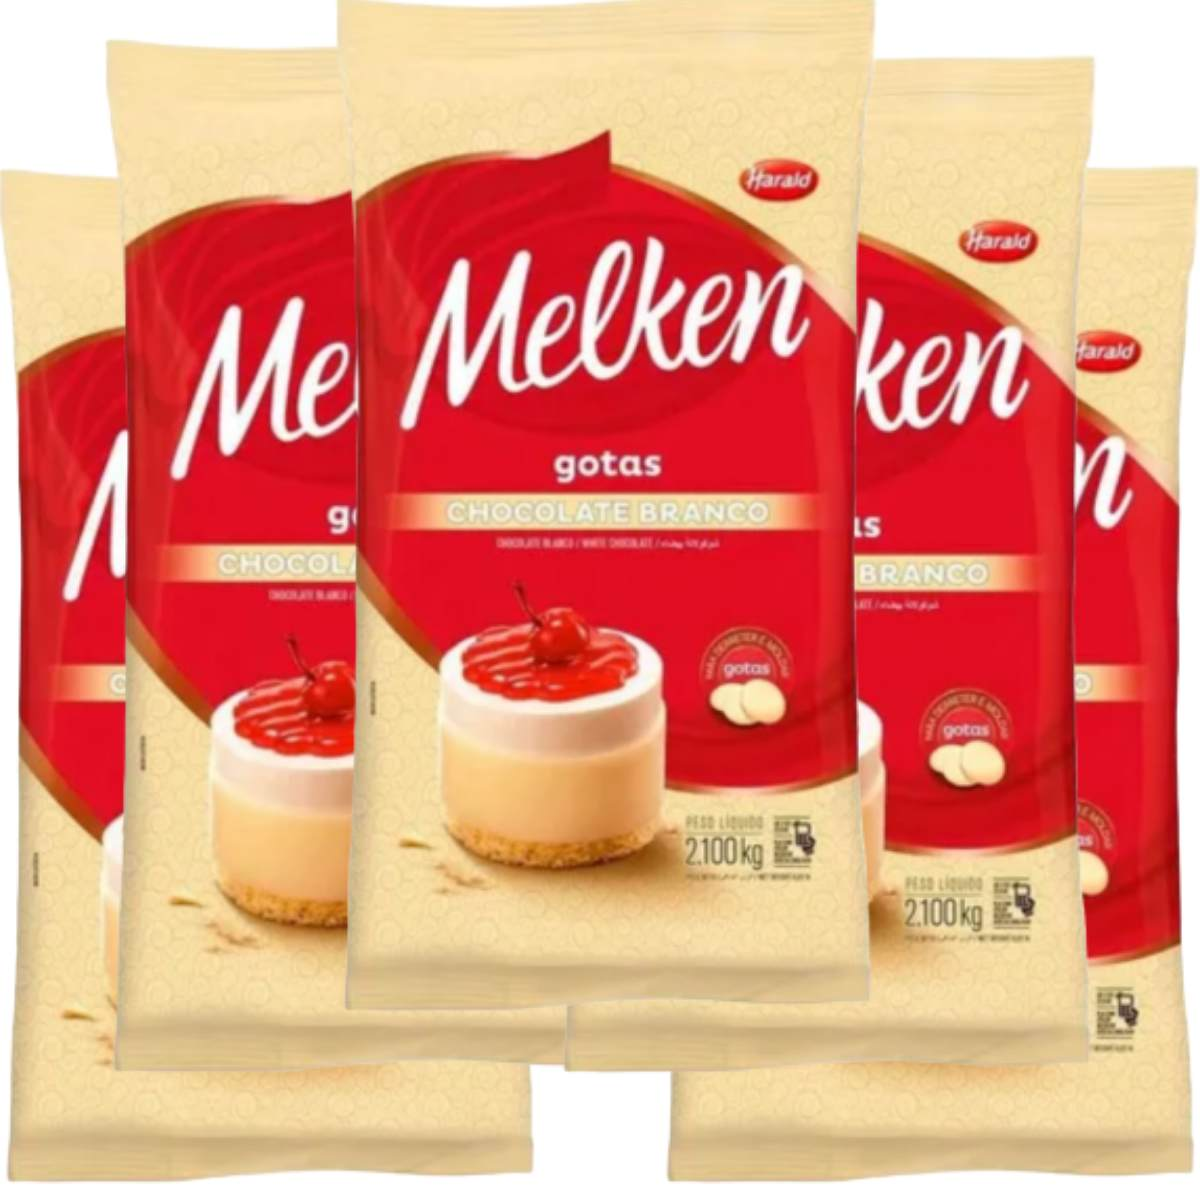 Kit 5 Chocolate Branco Melken Harald 2,1kg em Gotas